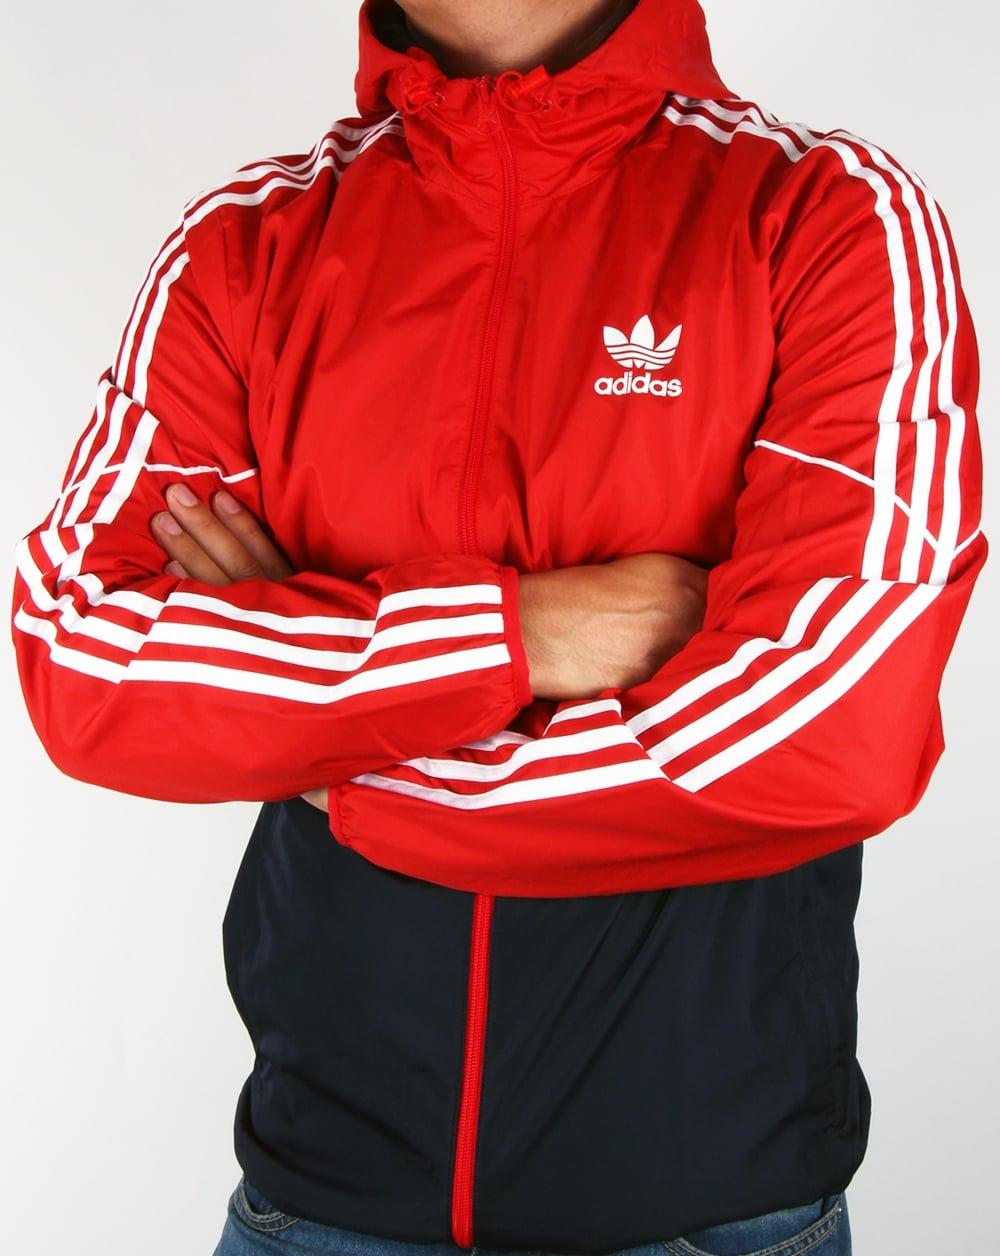 Adidas Originals Colorado Windbreaker Red Navy Jacket Coat Mens